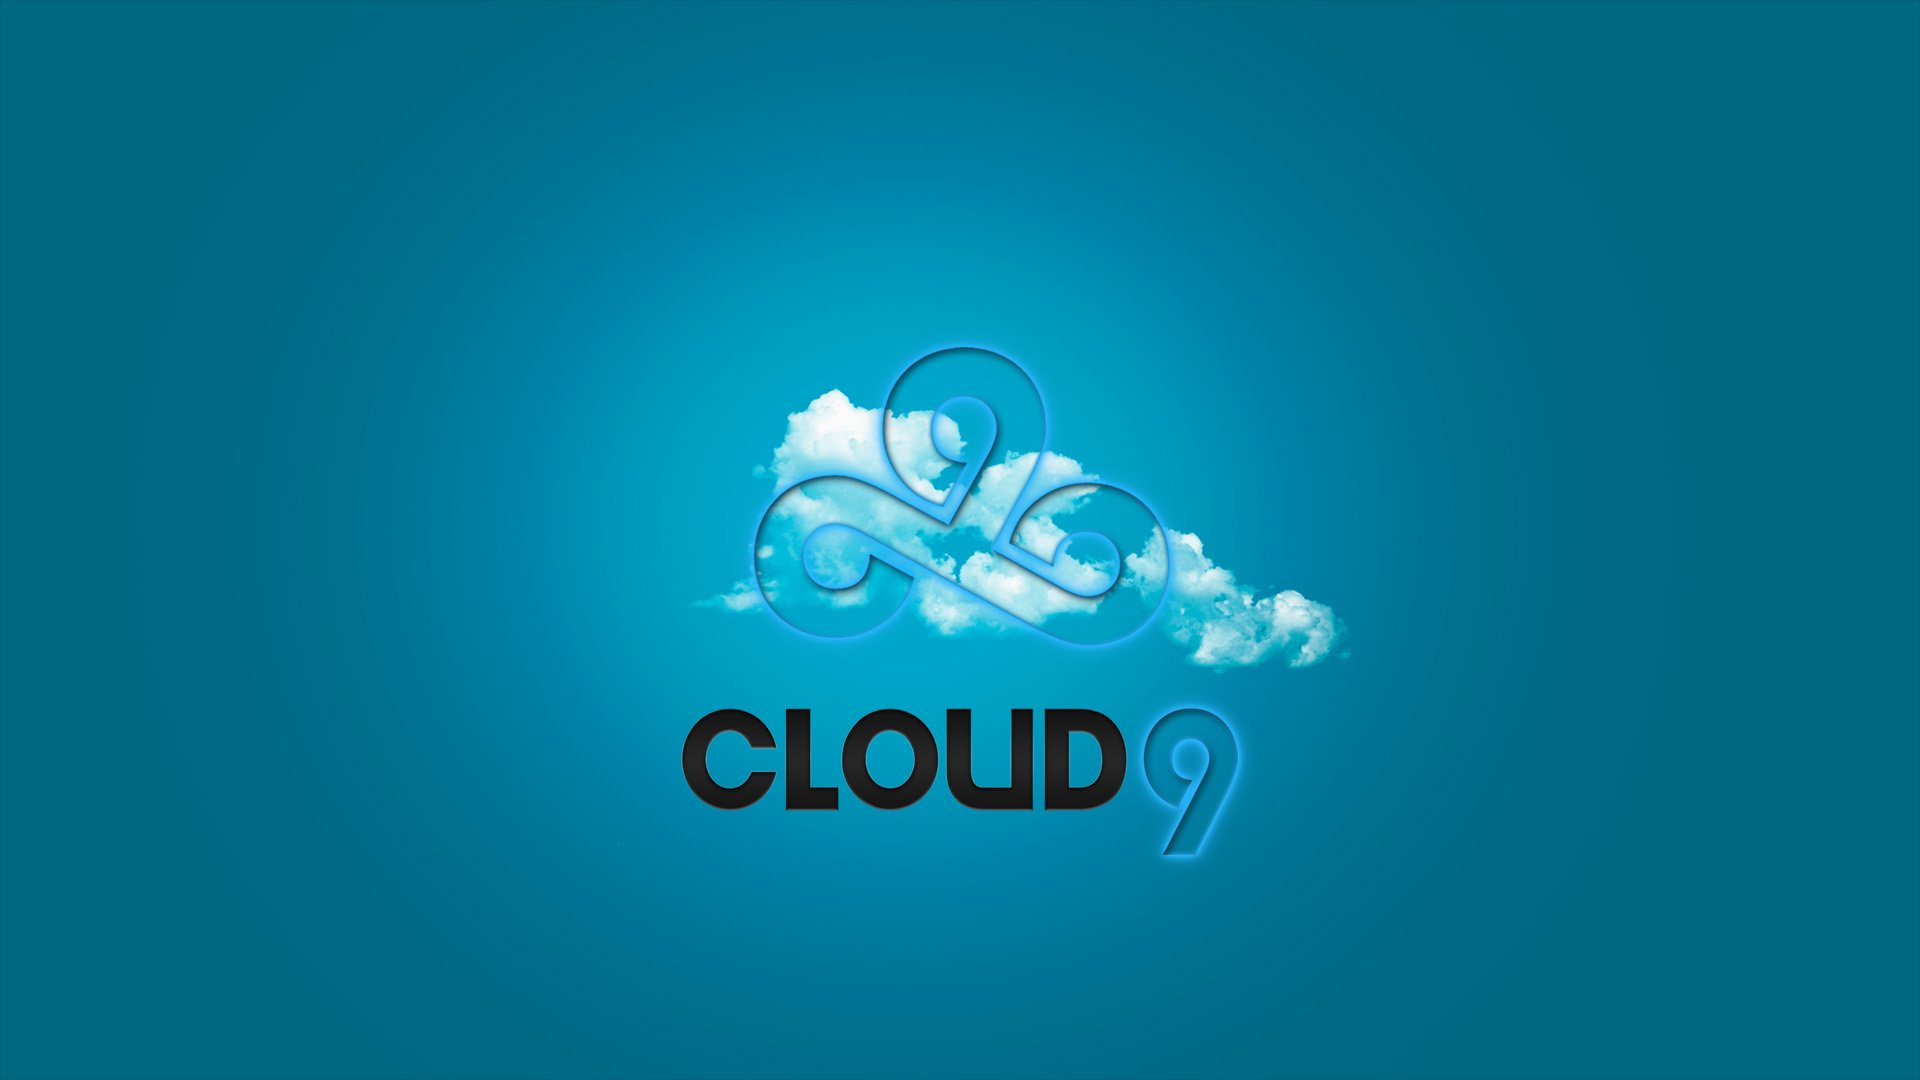 Blue Wallpaper For Cloud 9 Team League Of Legends Hd Wallpaper